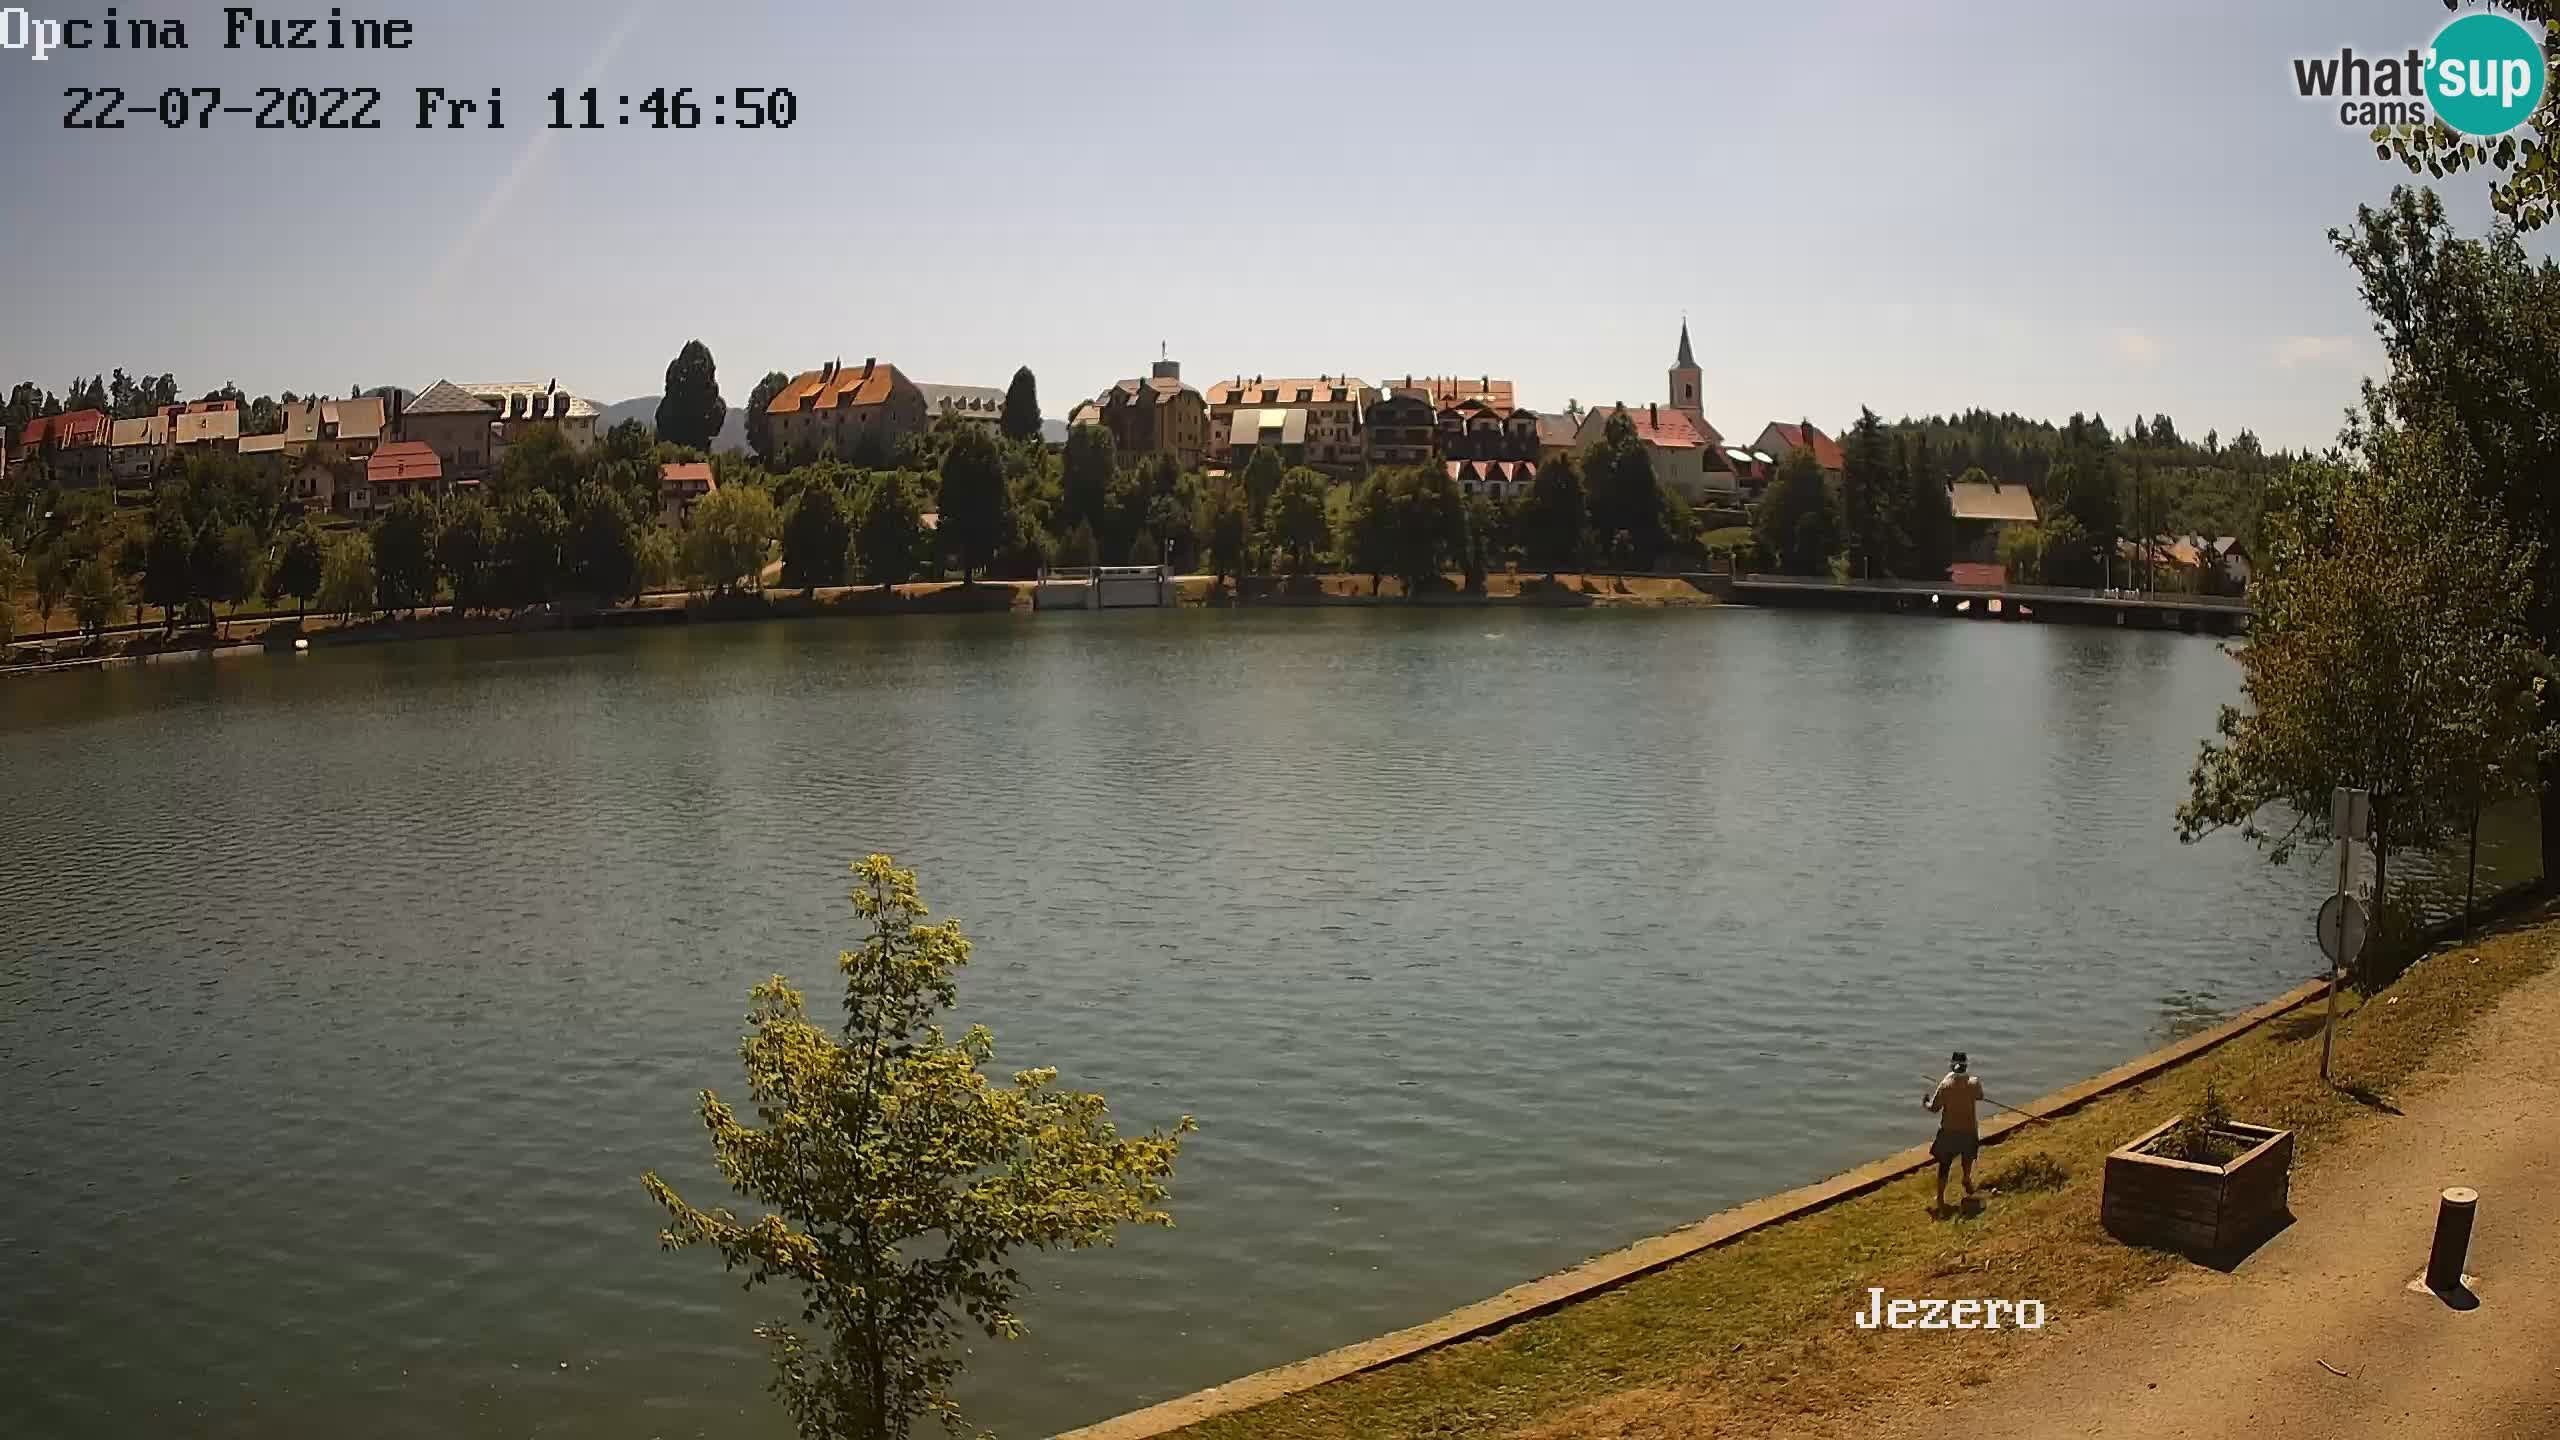 Kamera v živo Bajersko Jezero Fužine